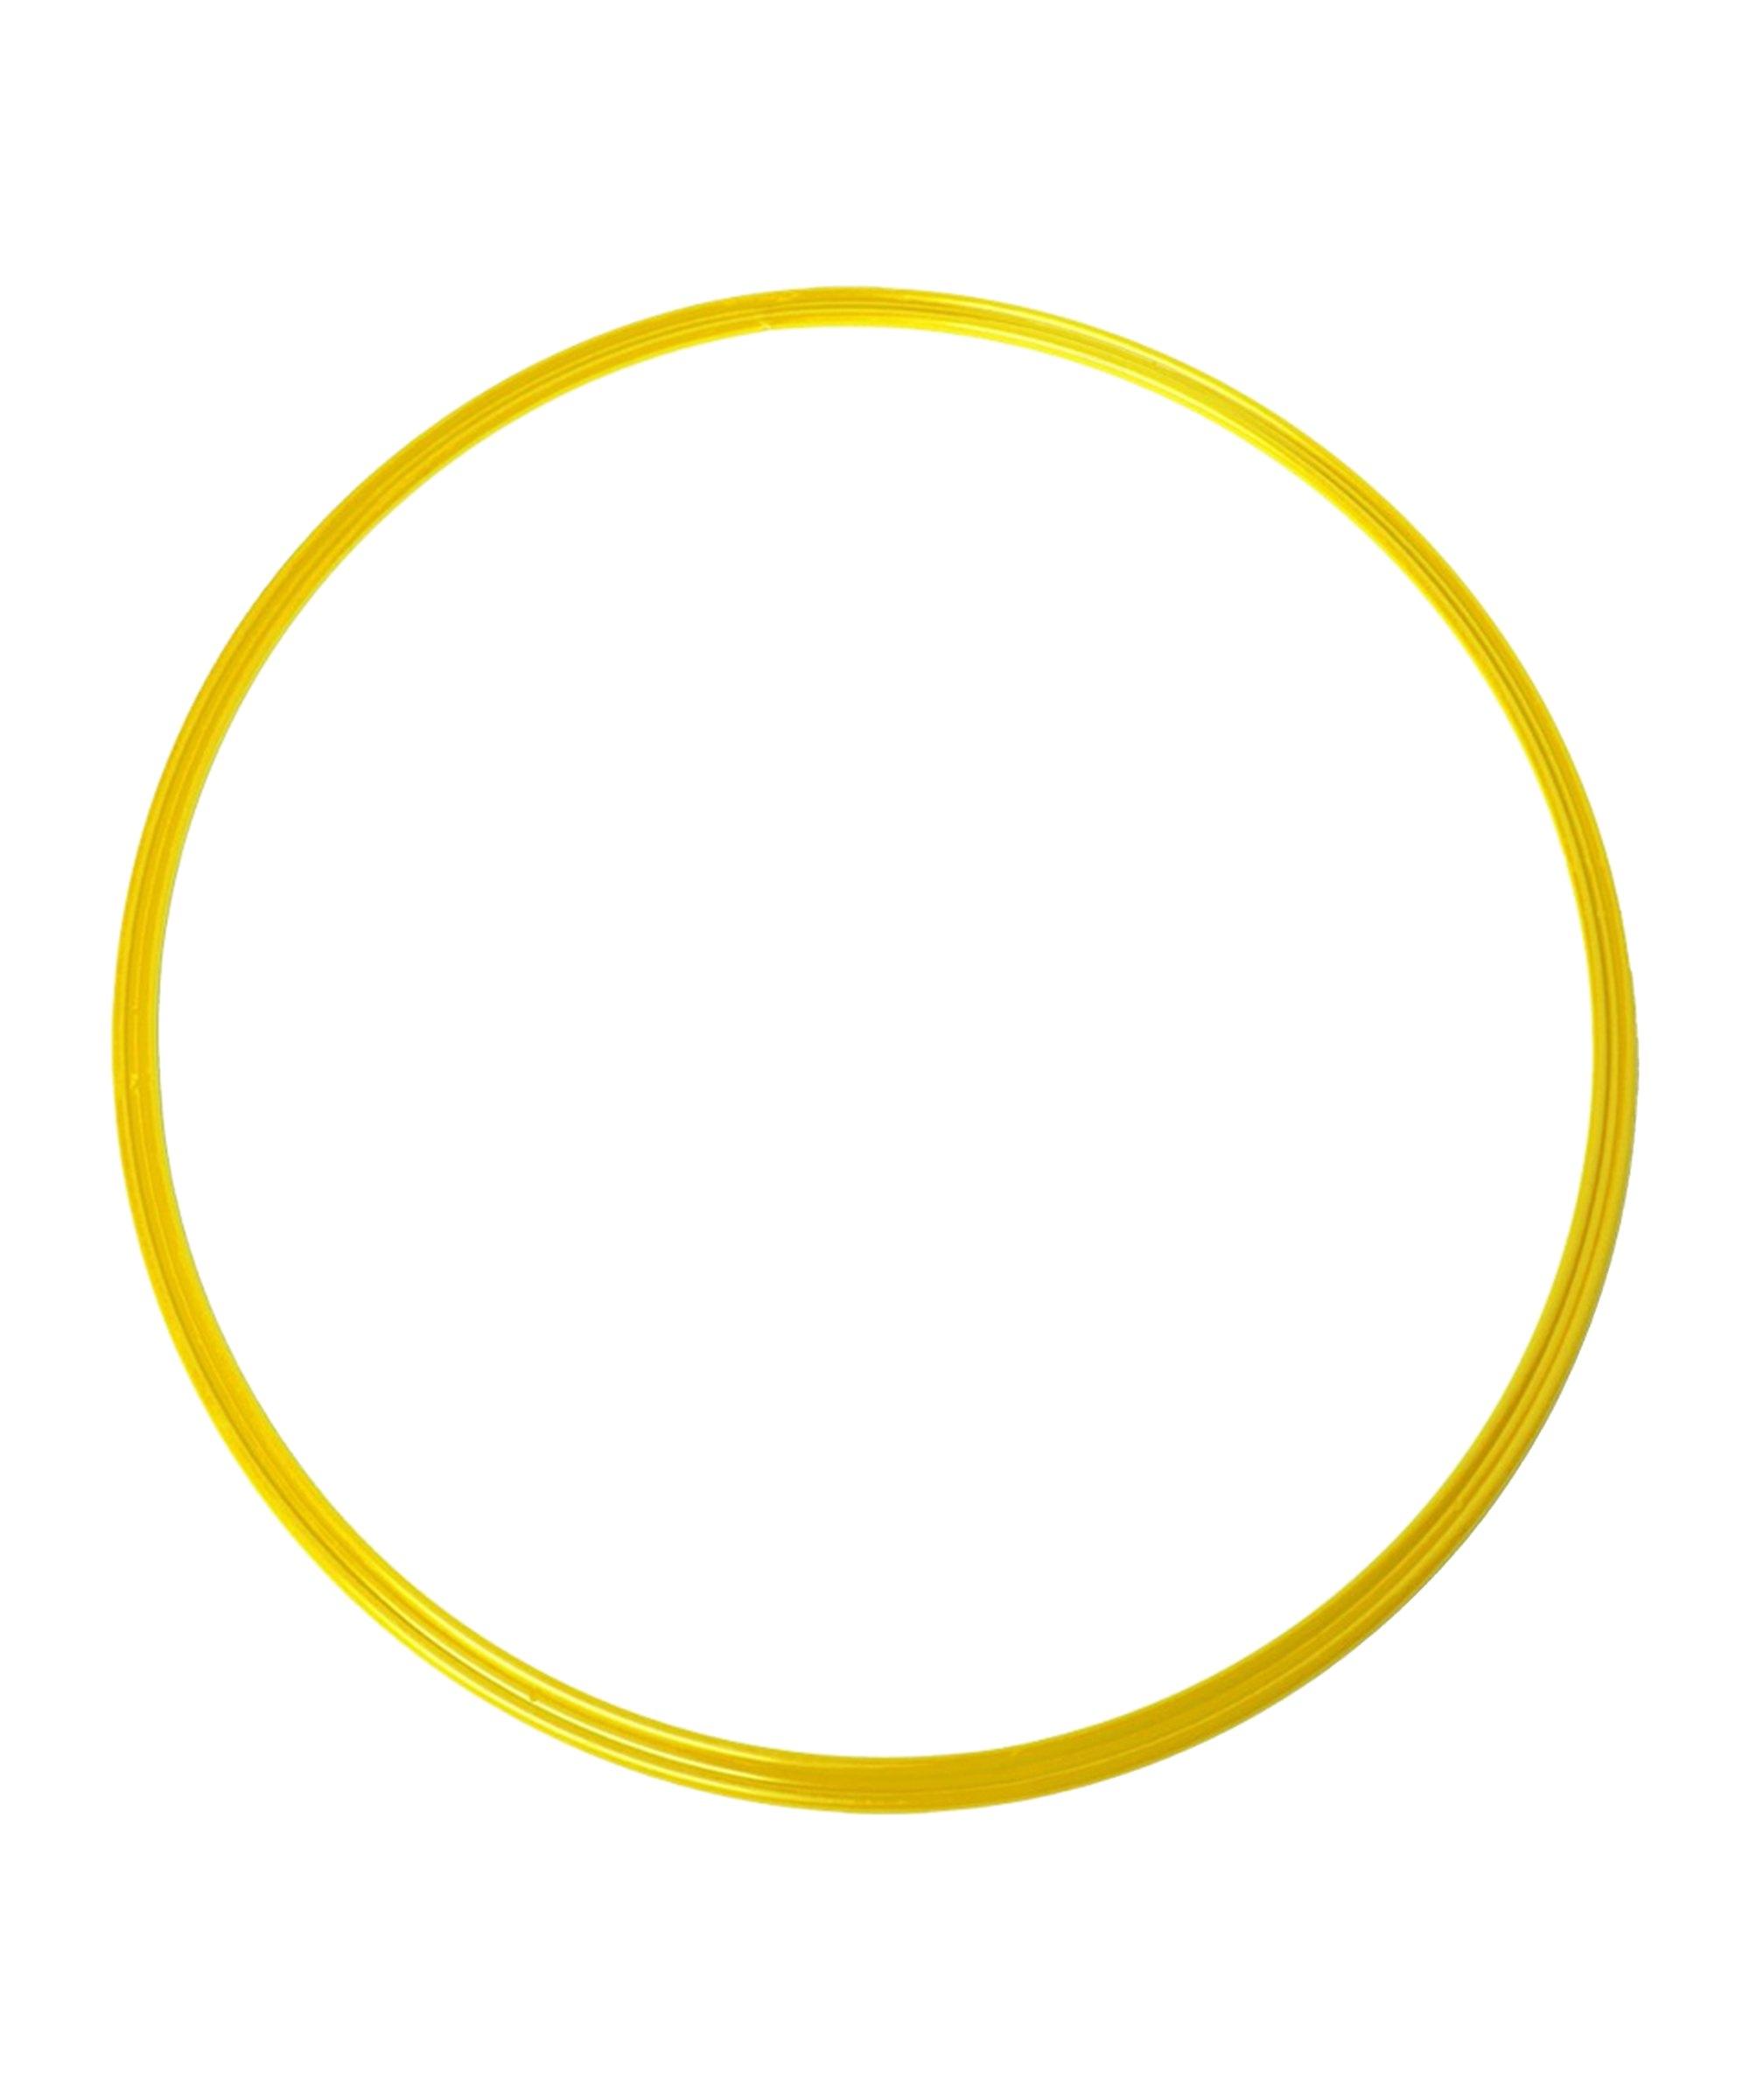 Cawila Koordinationsringe M 10er Set d50cm Gelb - gelb